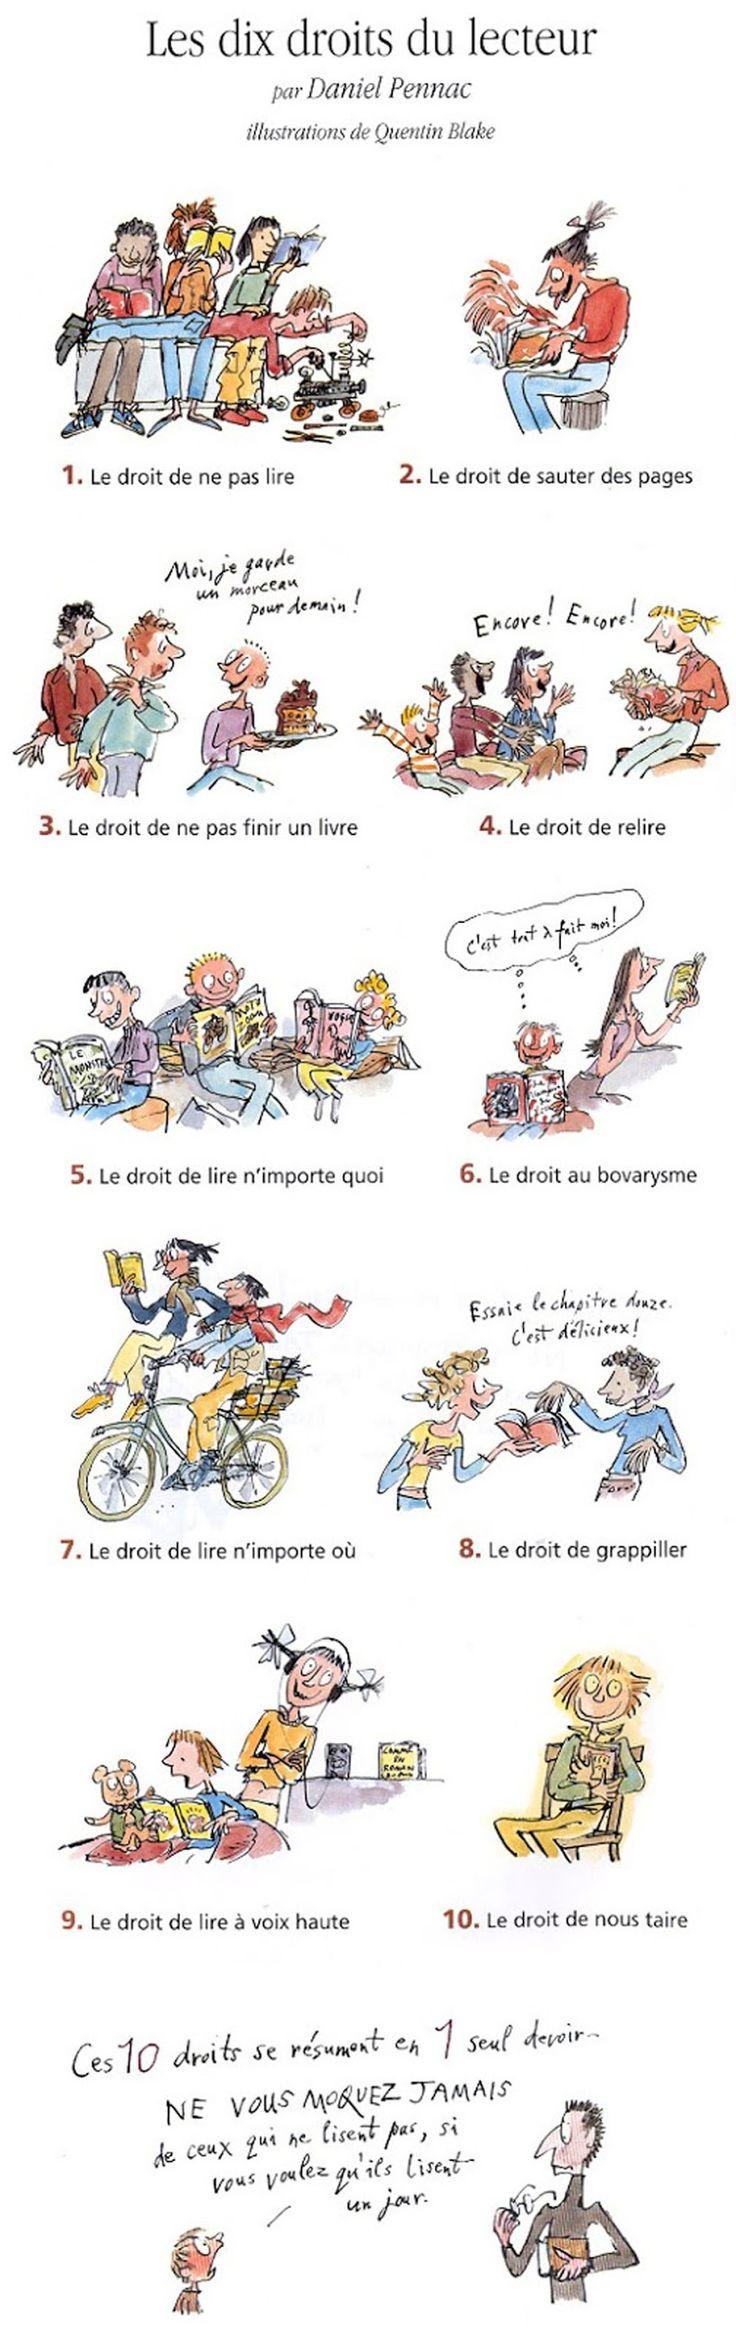 Les dix droits du lecteur